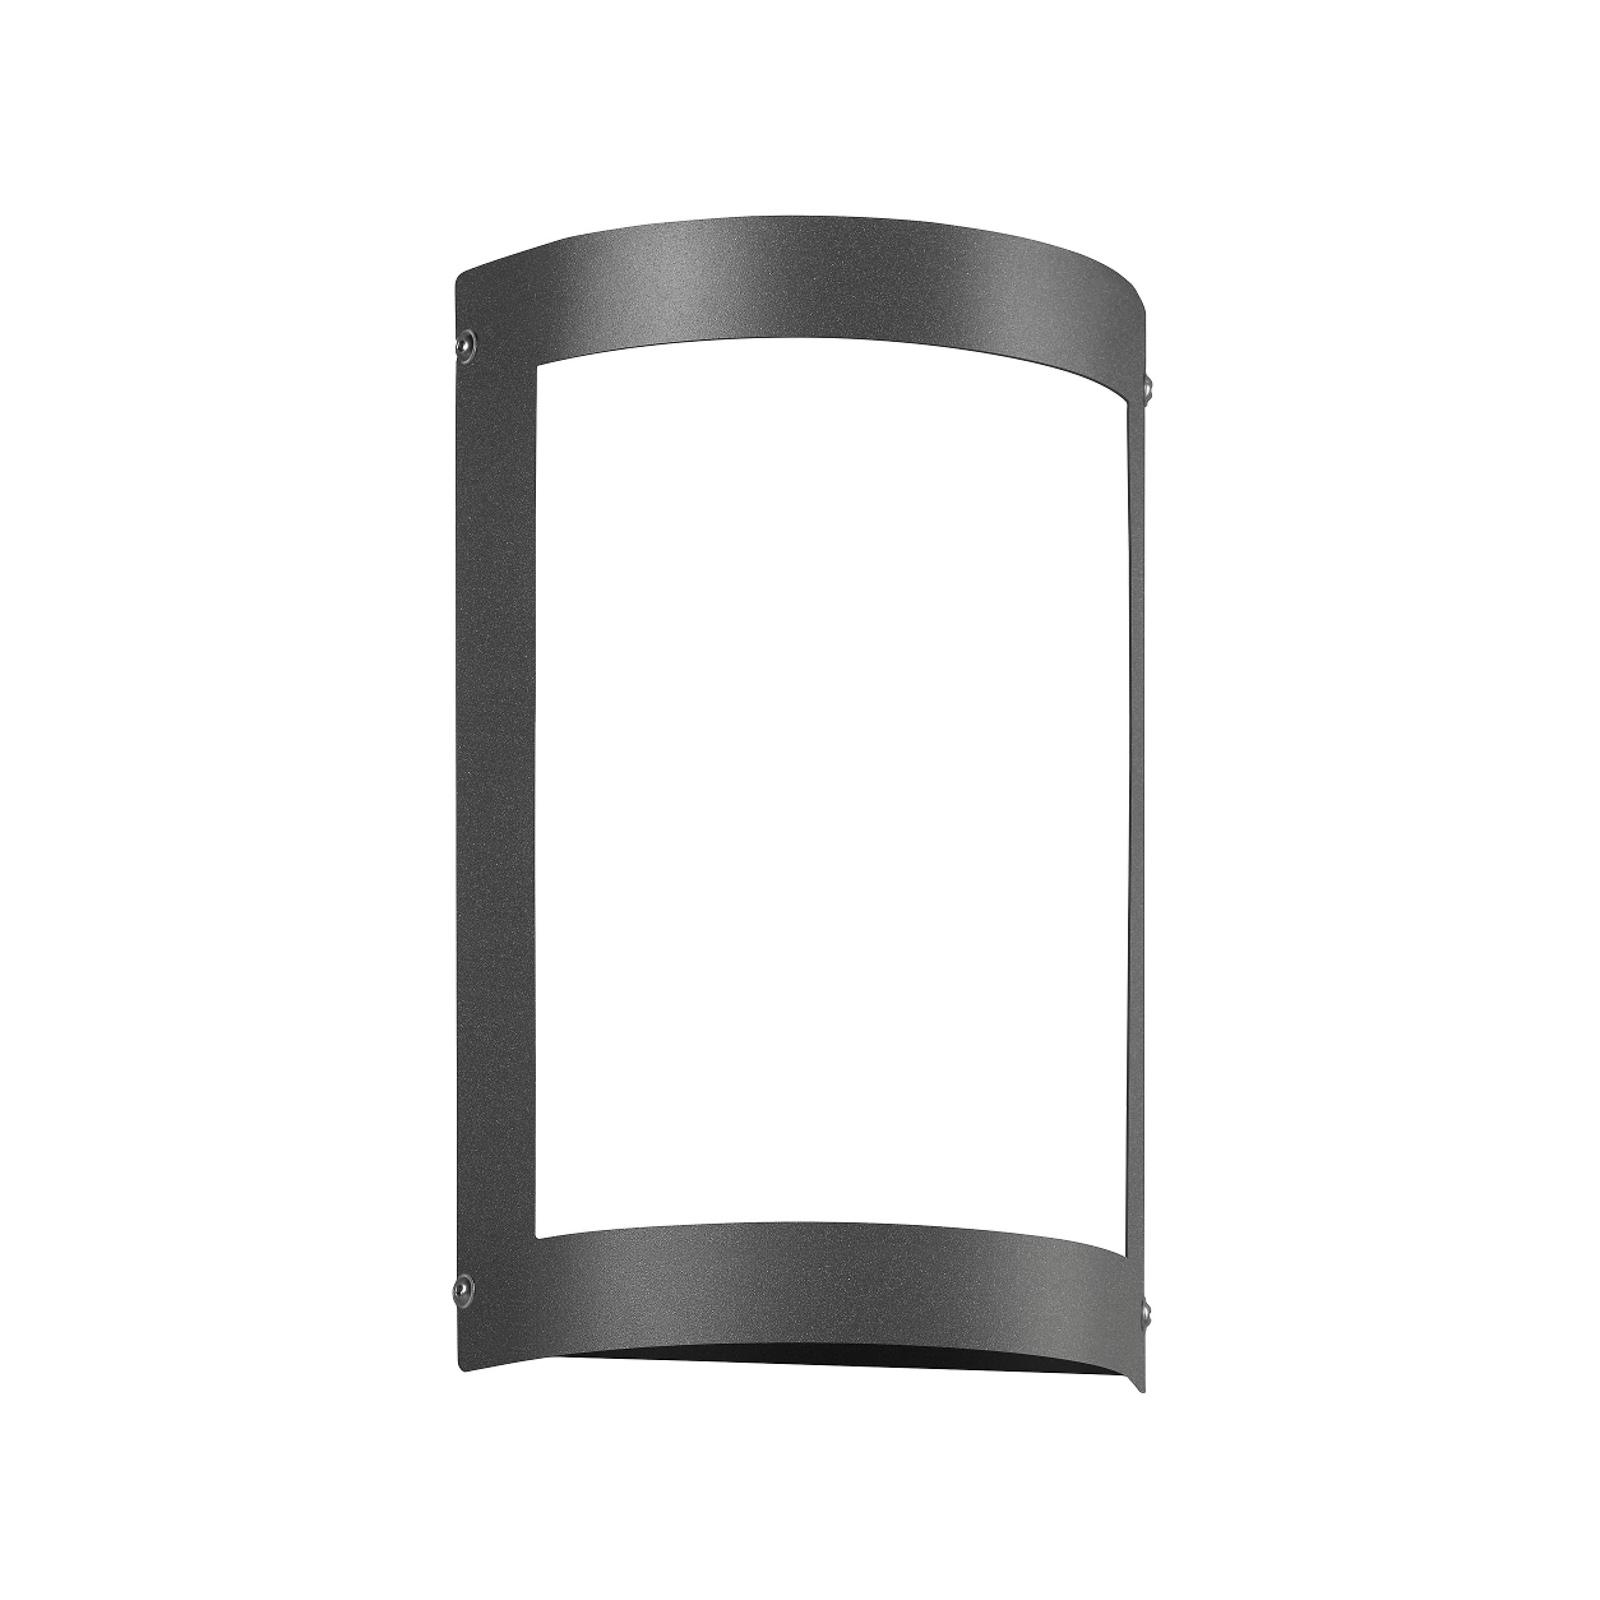 Kinkiet zewnętrzny LED Aqua Marco Anthrazit 3